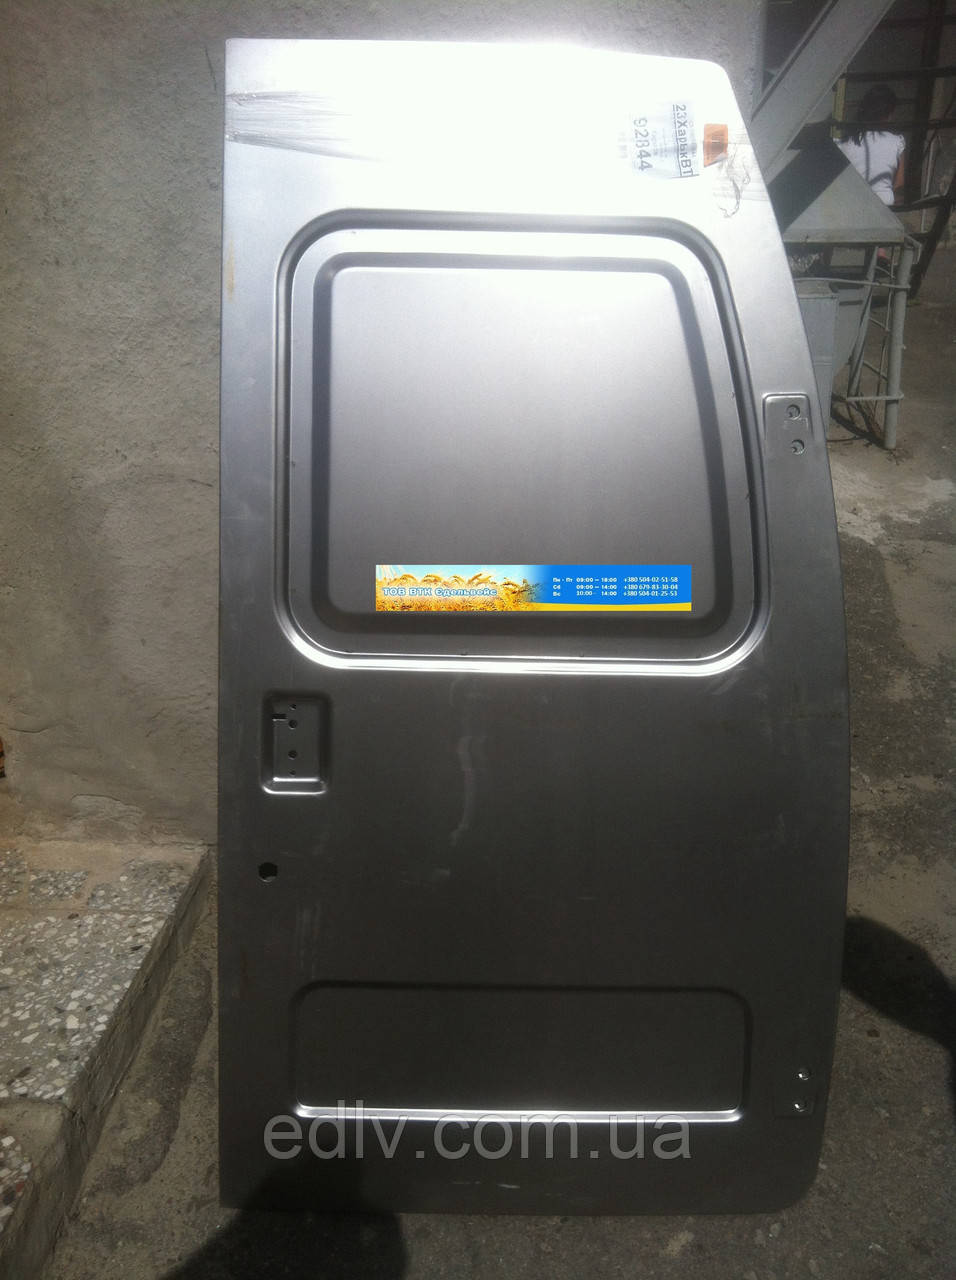 Двері задка ГАЗ 2705,3221 без вікна права стар.двері+стар.петлі (пр-во ГАЗ) 2705-6300014-21